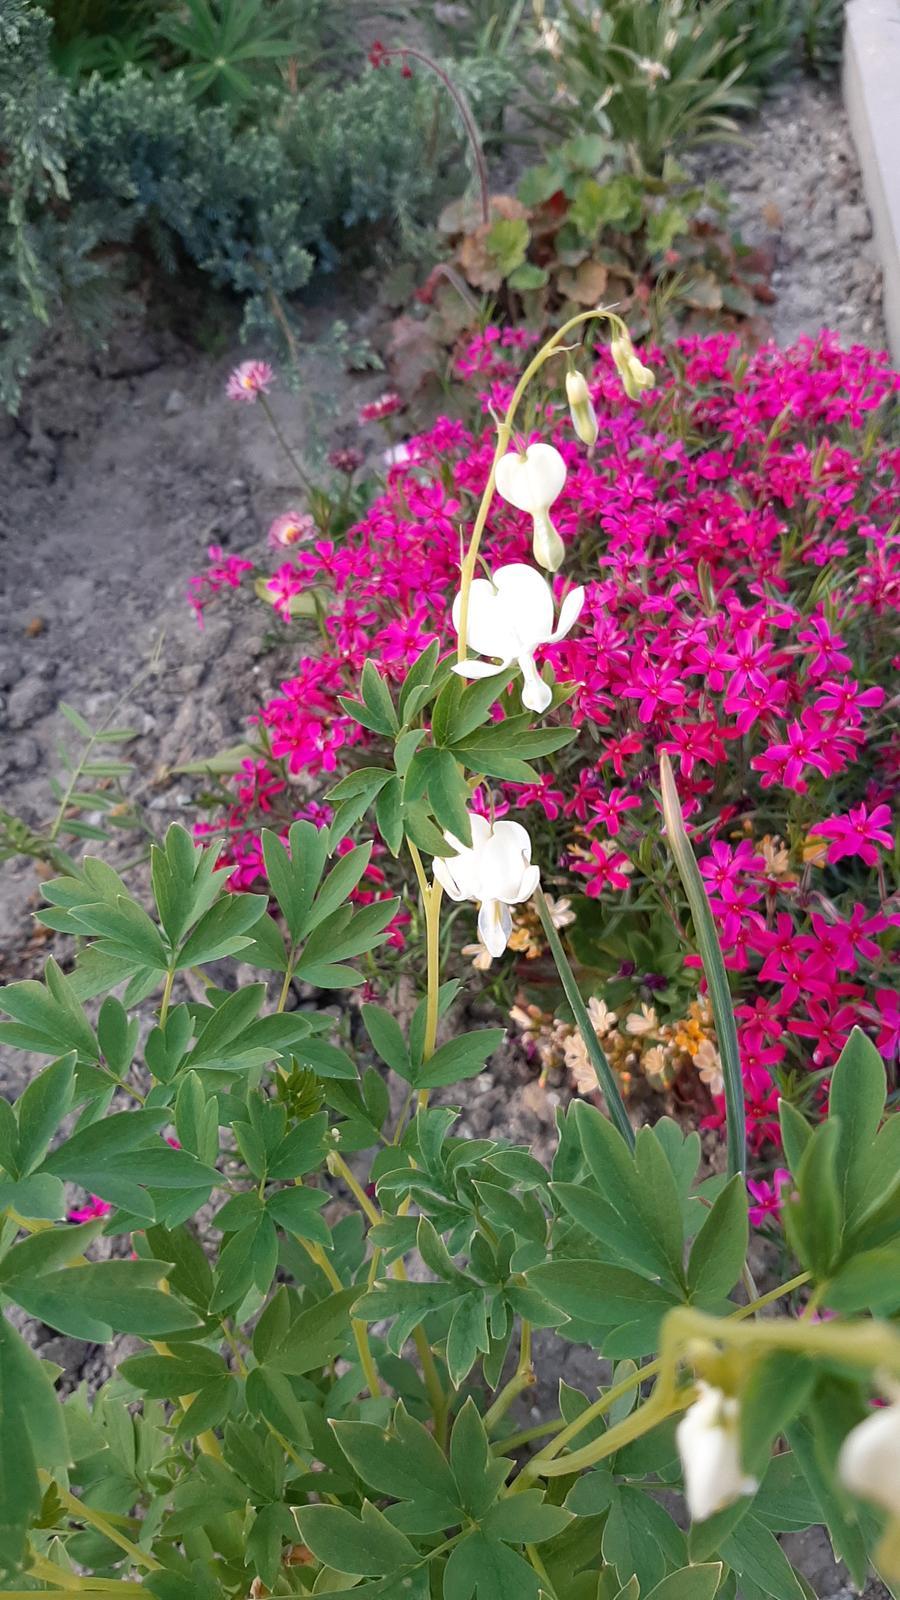 🏠🌞🌺❤🌷 Zahrada a jej dalsi rok...2020 🌱🐞🐛🦋🍓🥕🍅🌺❤ - Biela ❤ omrzla ale potom znova nahodila kvety...